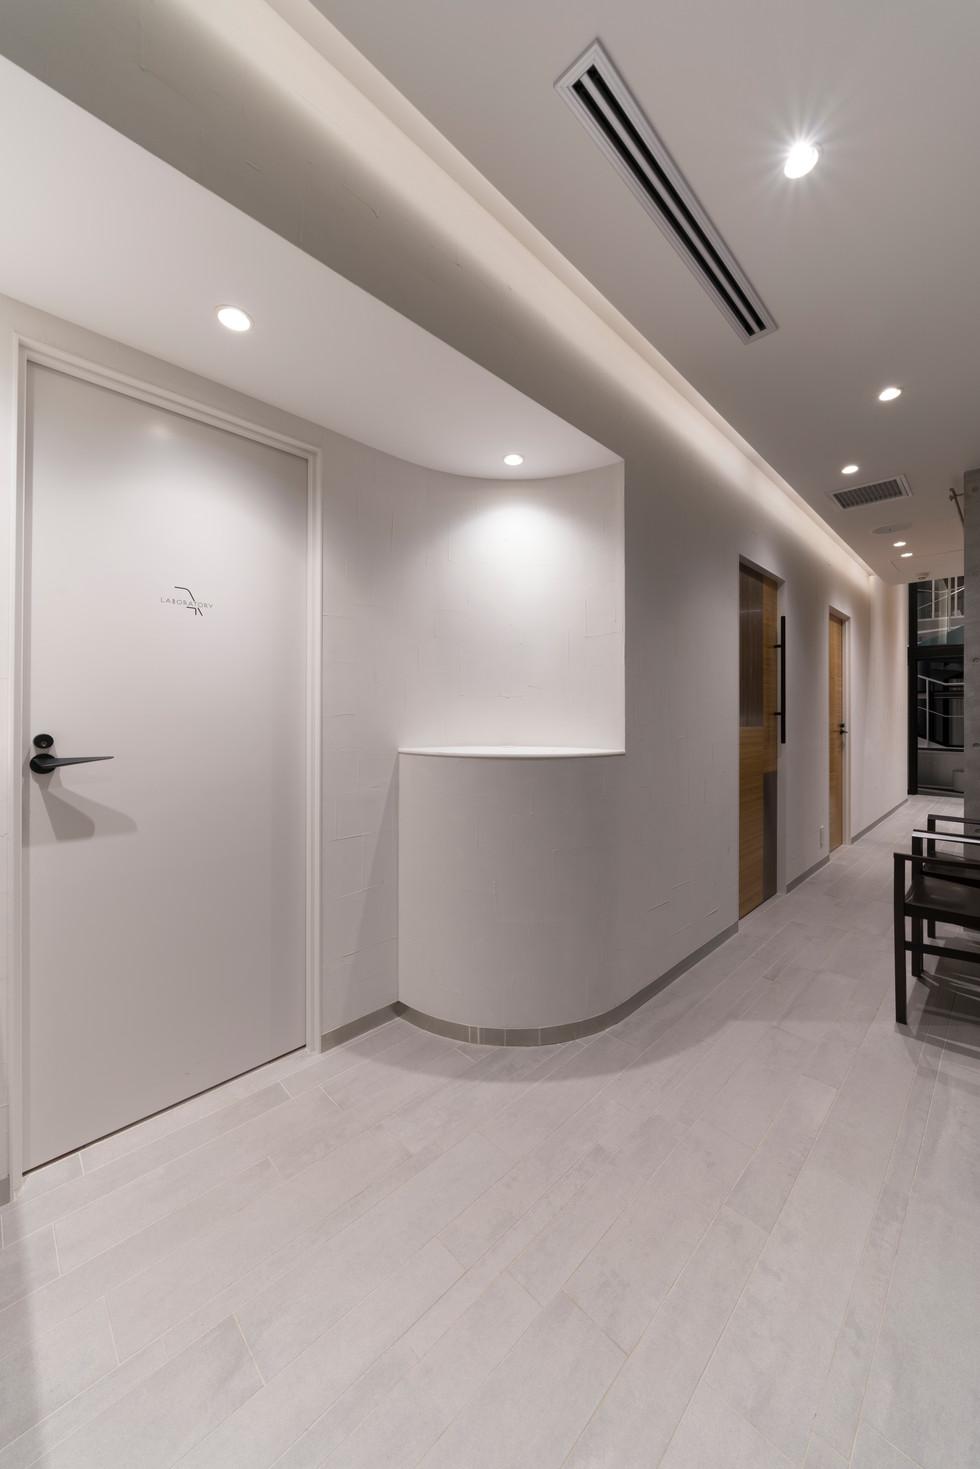 ゲンズデンタルオフィス2F|エーハンドデザイン株式会社 歯科内装デザイン設計